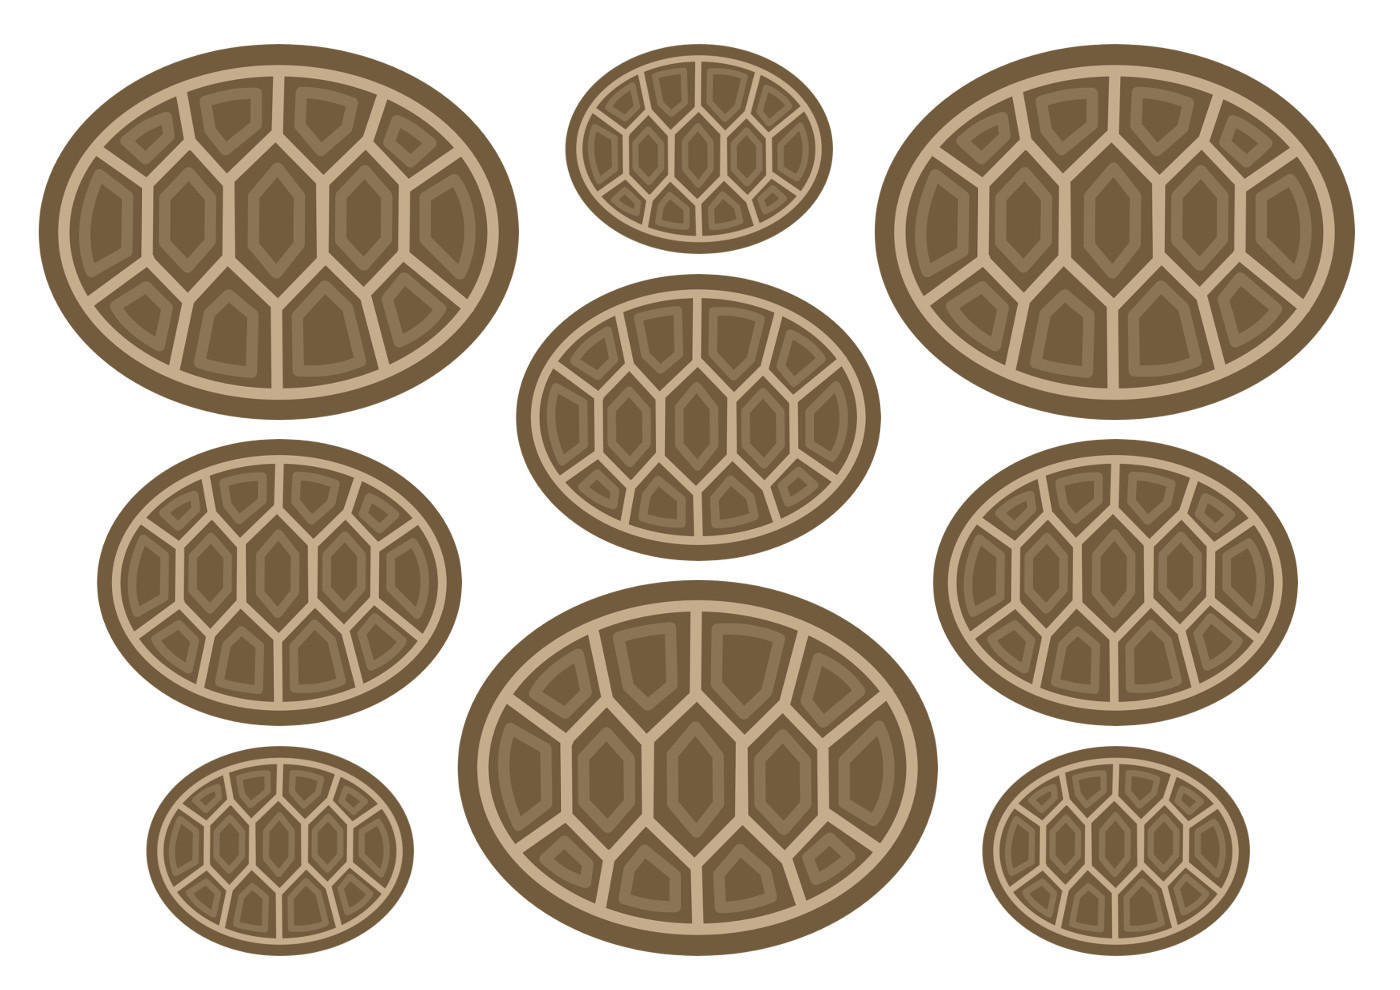 Панцири для черепах, рисунок